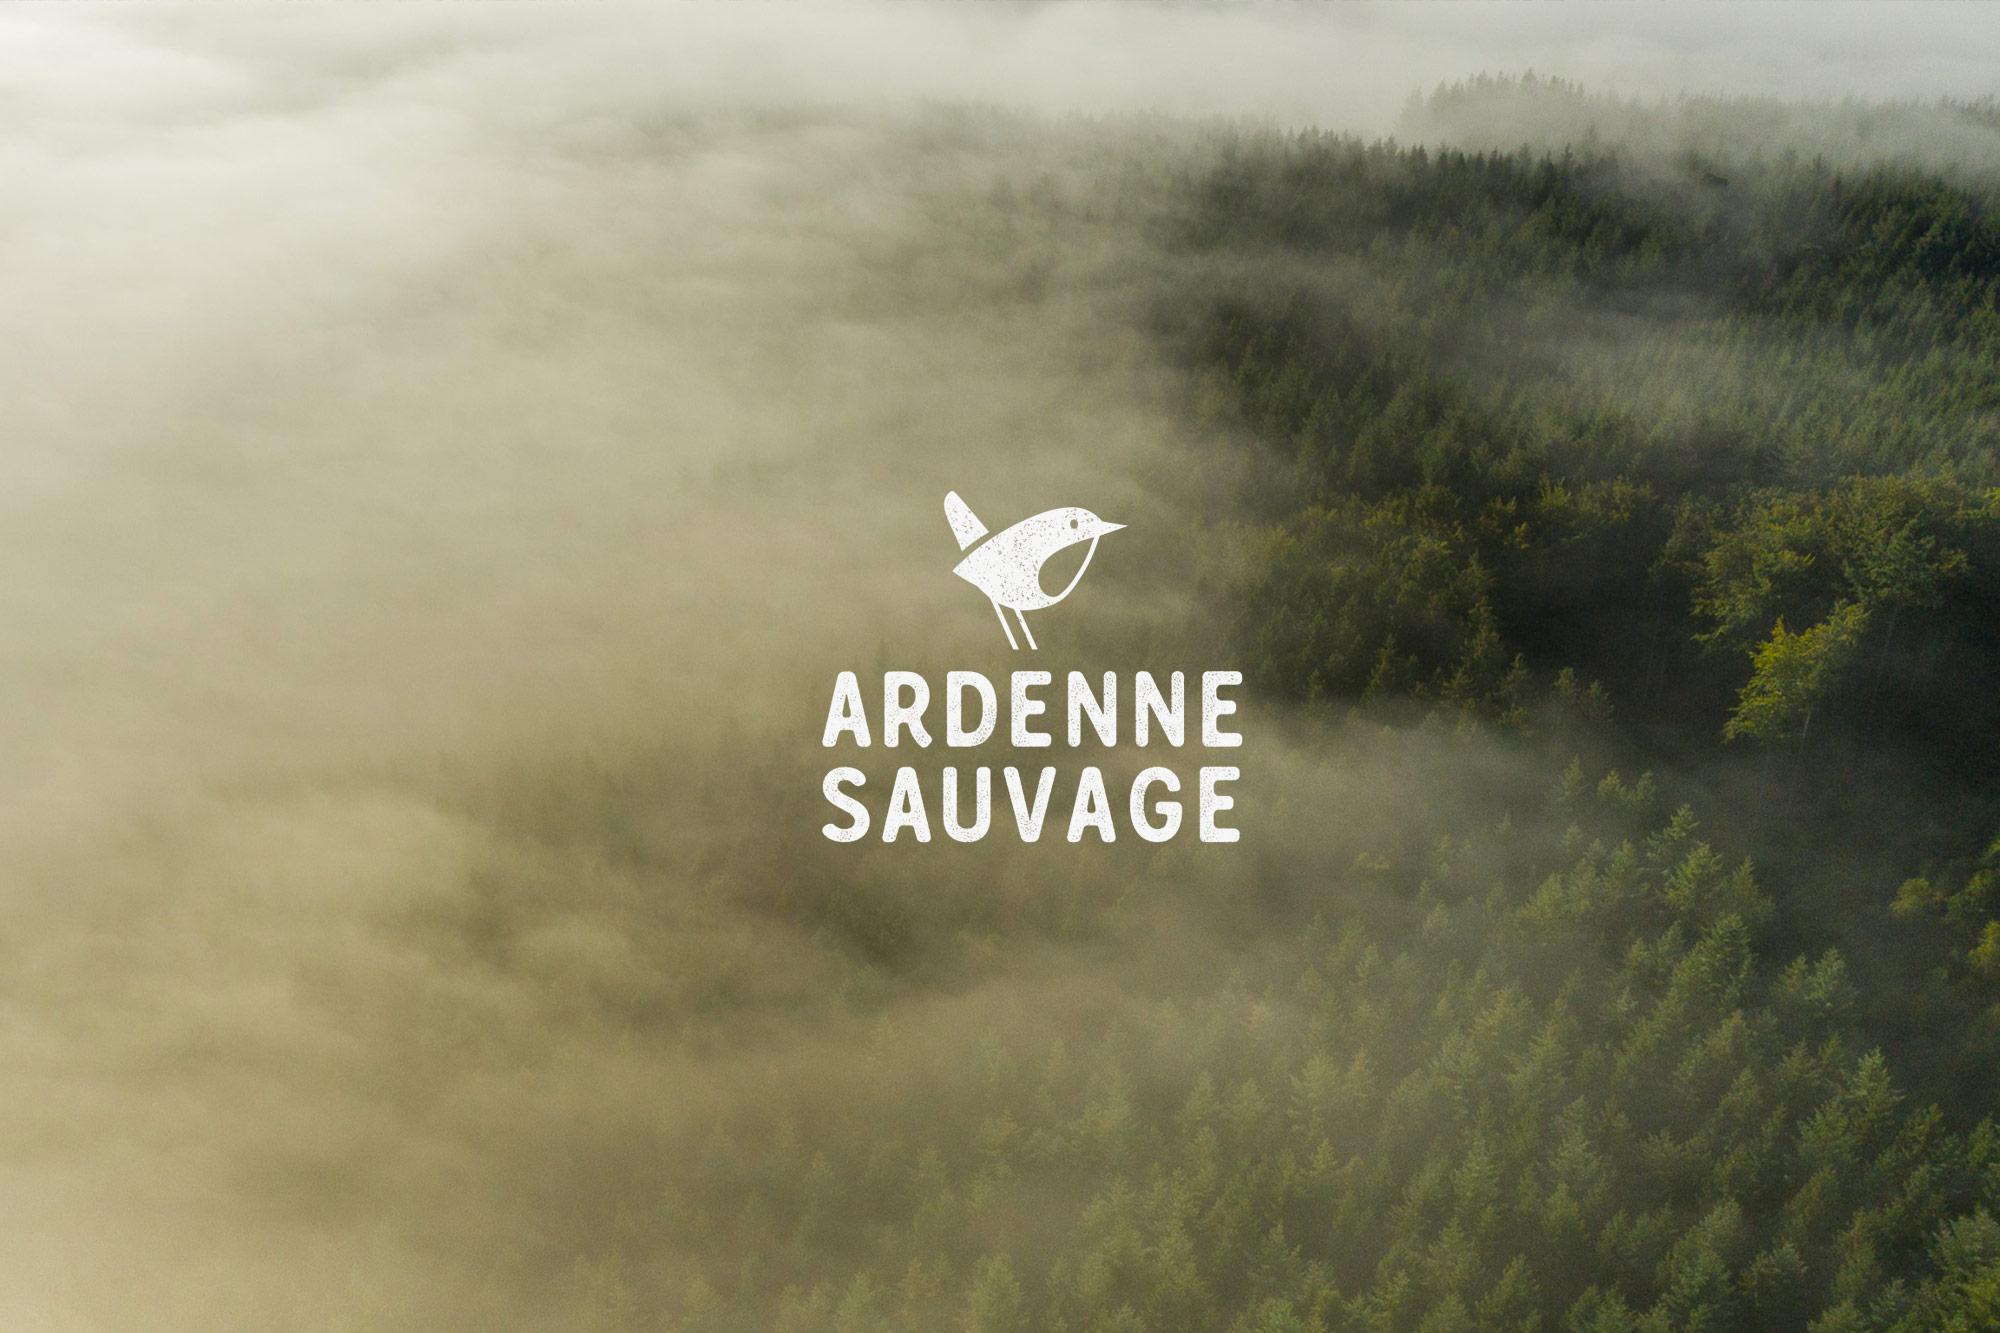 Ardenne Sauvage